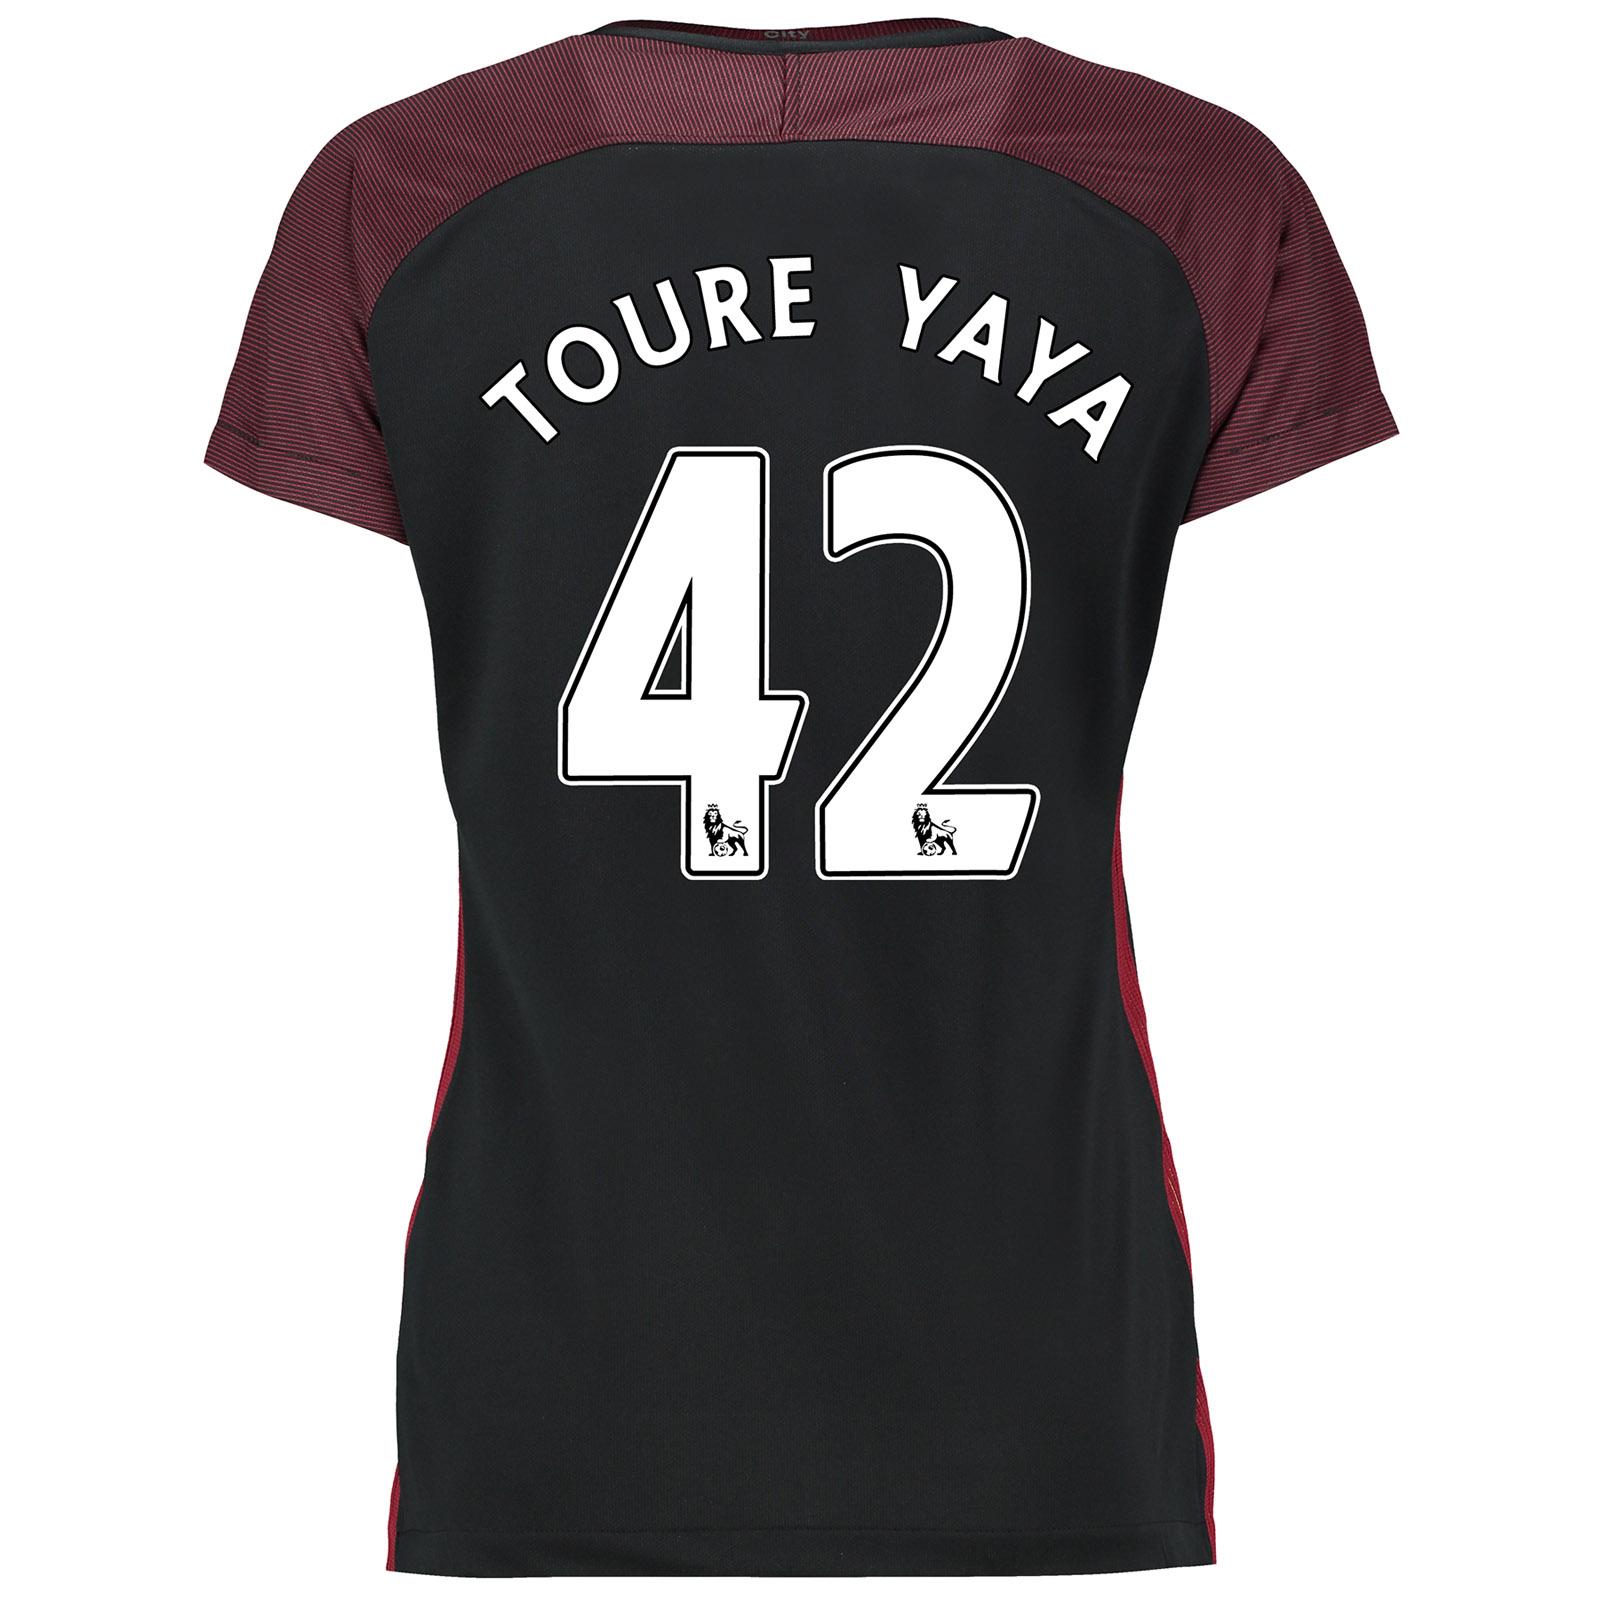 Manchester City Away Stadium Shirt 2016-17-Womens with Toure Yaya 42 p